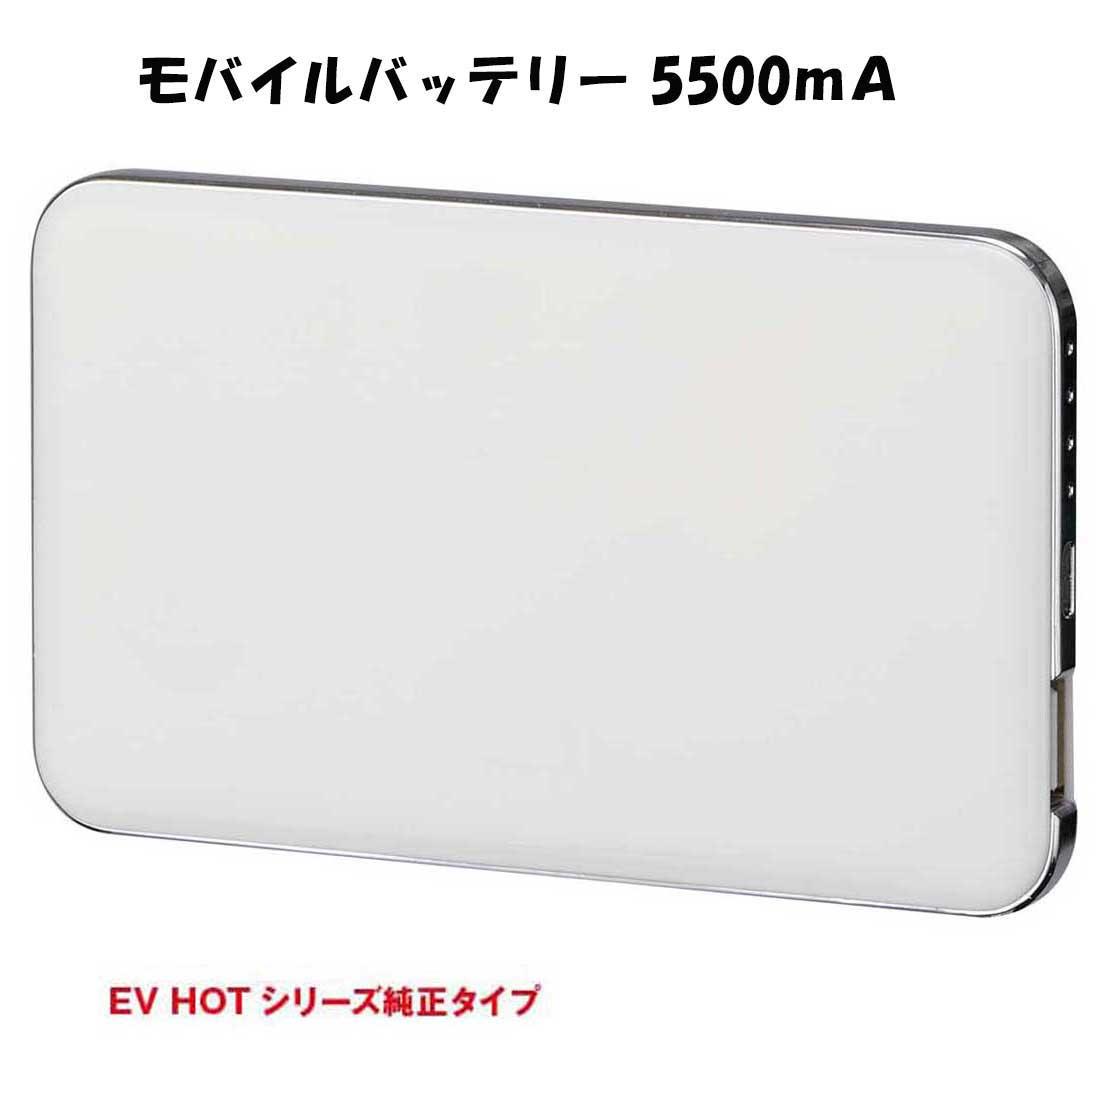 モバイルバッテリー 5500mA